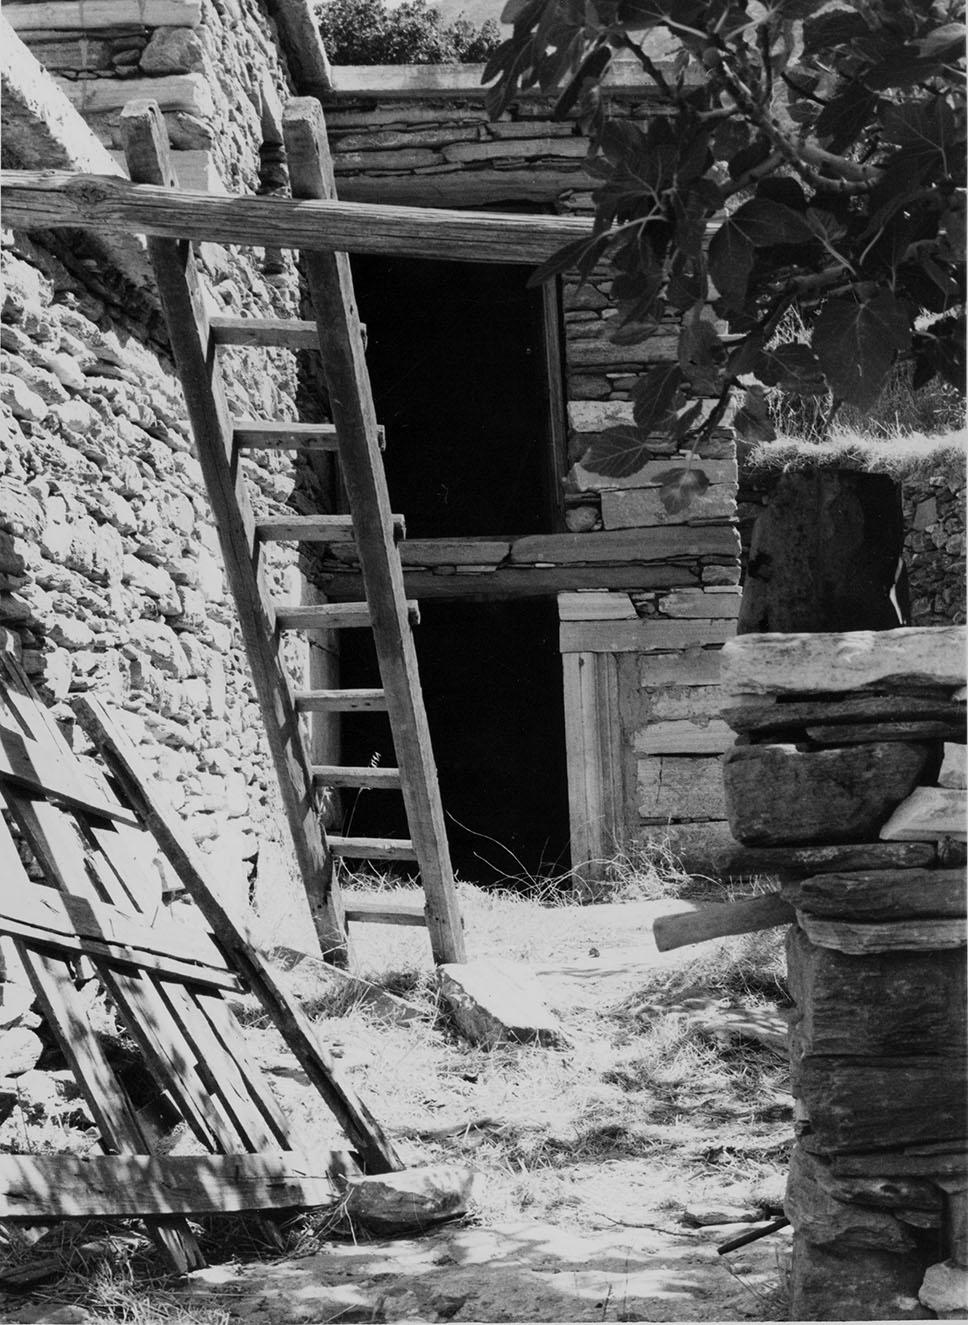 Άποψη του κελλιού του Φ. Φιλιππίδη, κτισμένου στα ερείπια αρχαίου ναού, στα Α της πόλης